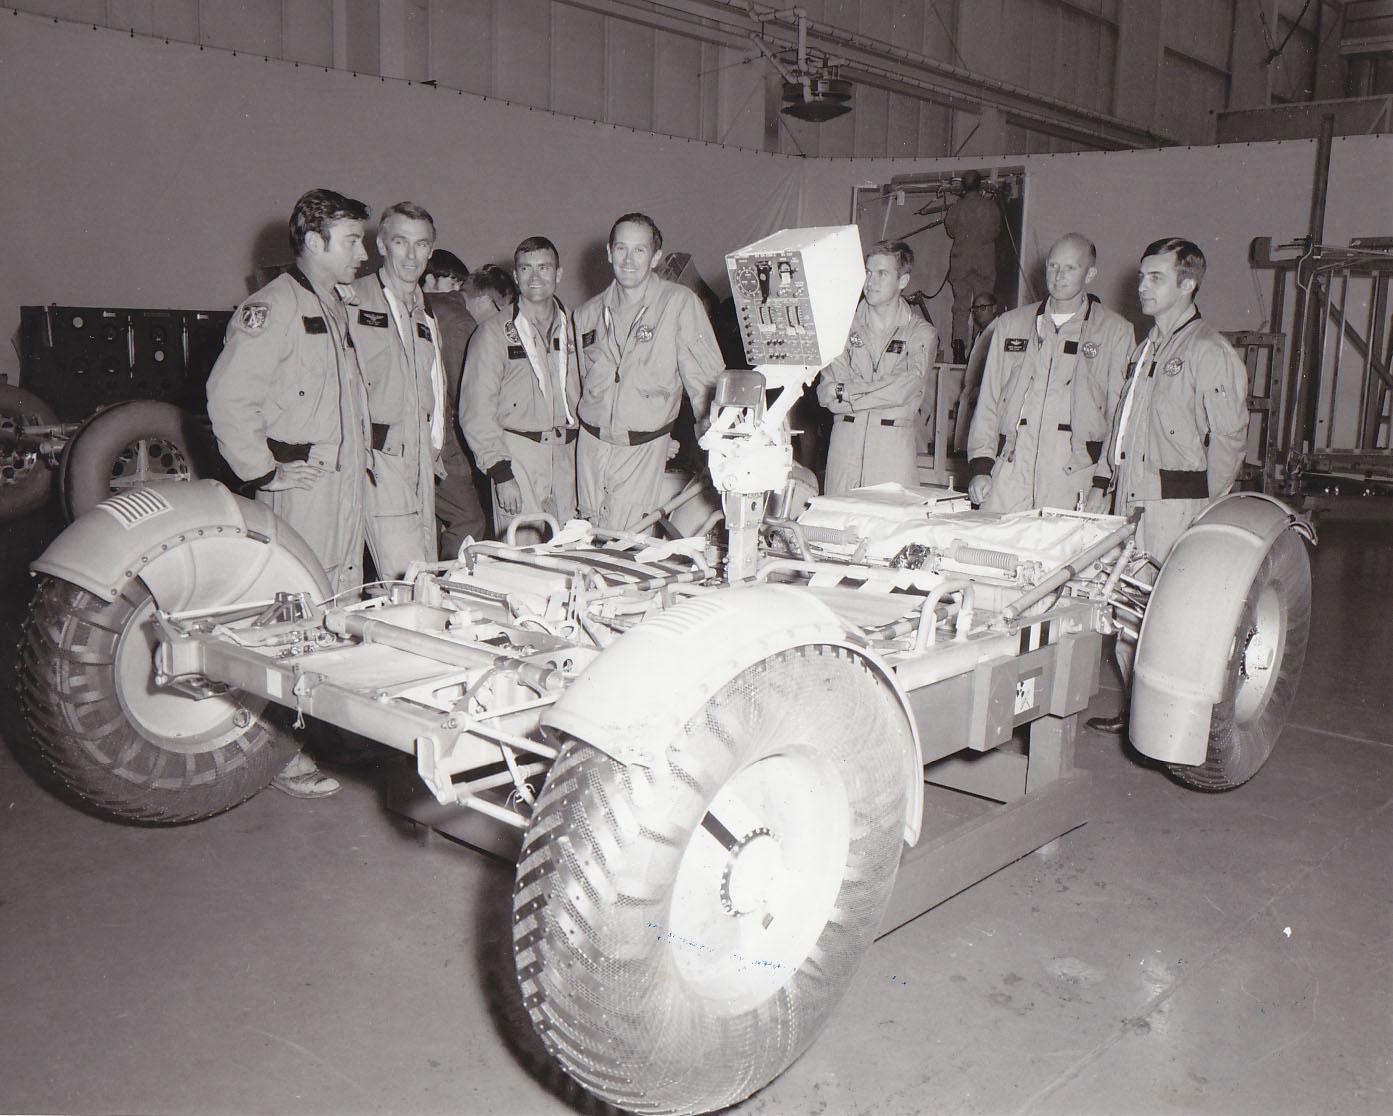 Mannskap og Astronauter fra Apollo 16 og Apollo 17 ved NASA Marshall Space Flight Center i 1971, for testing og  opplæring av hvordan man får ut bilen fra landingsmodulen.